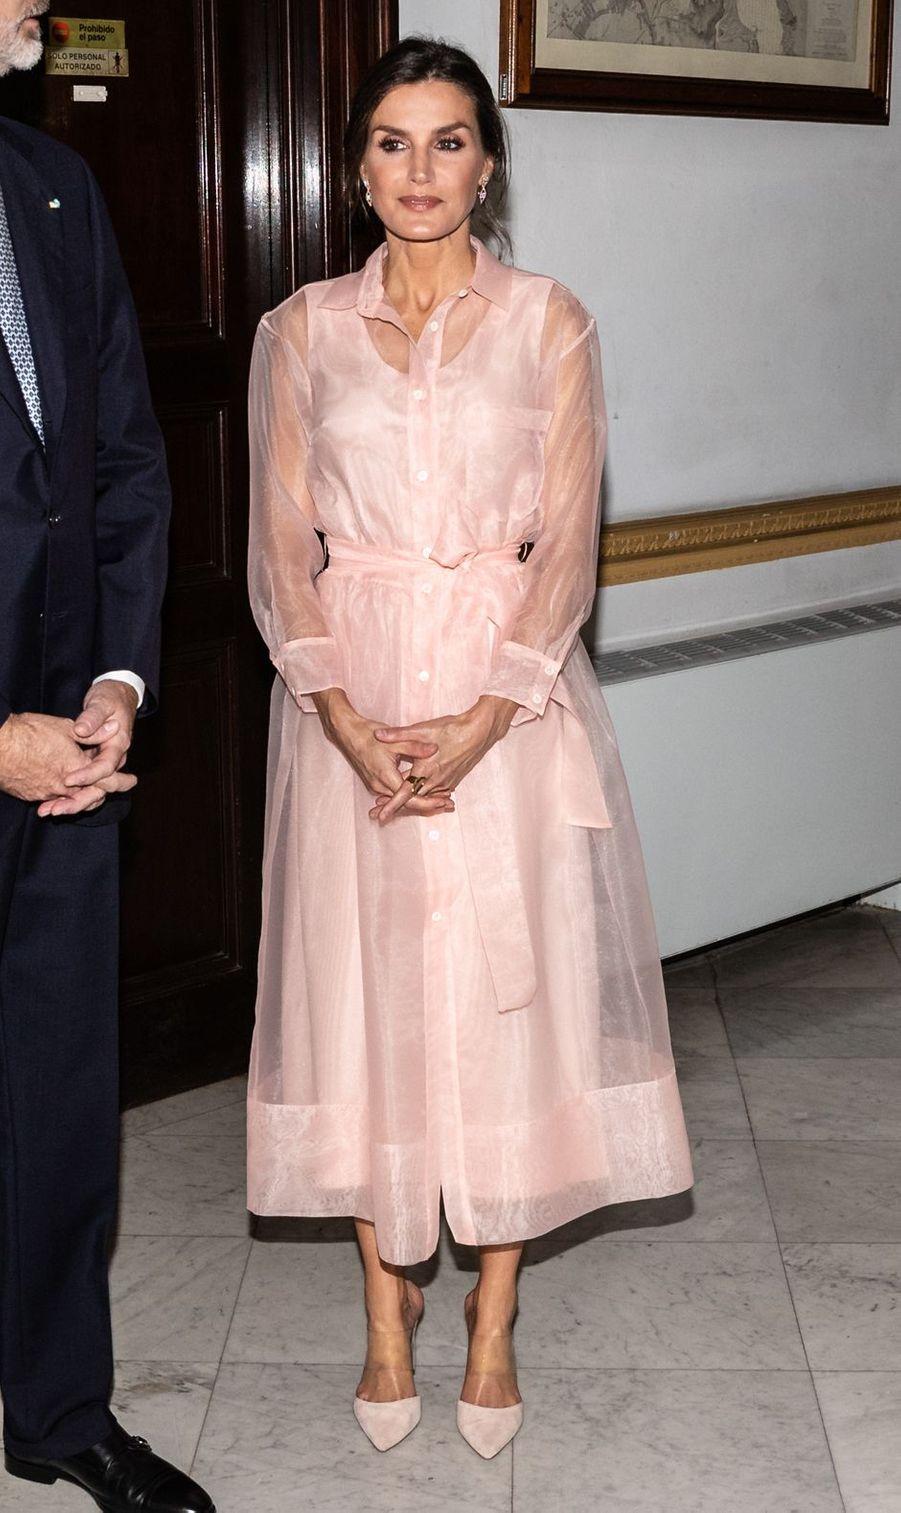 La reine Letizia d'Espagne dans une robe Maje à La Havane, le 13 novembre 2019